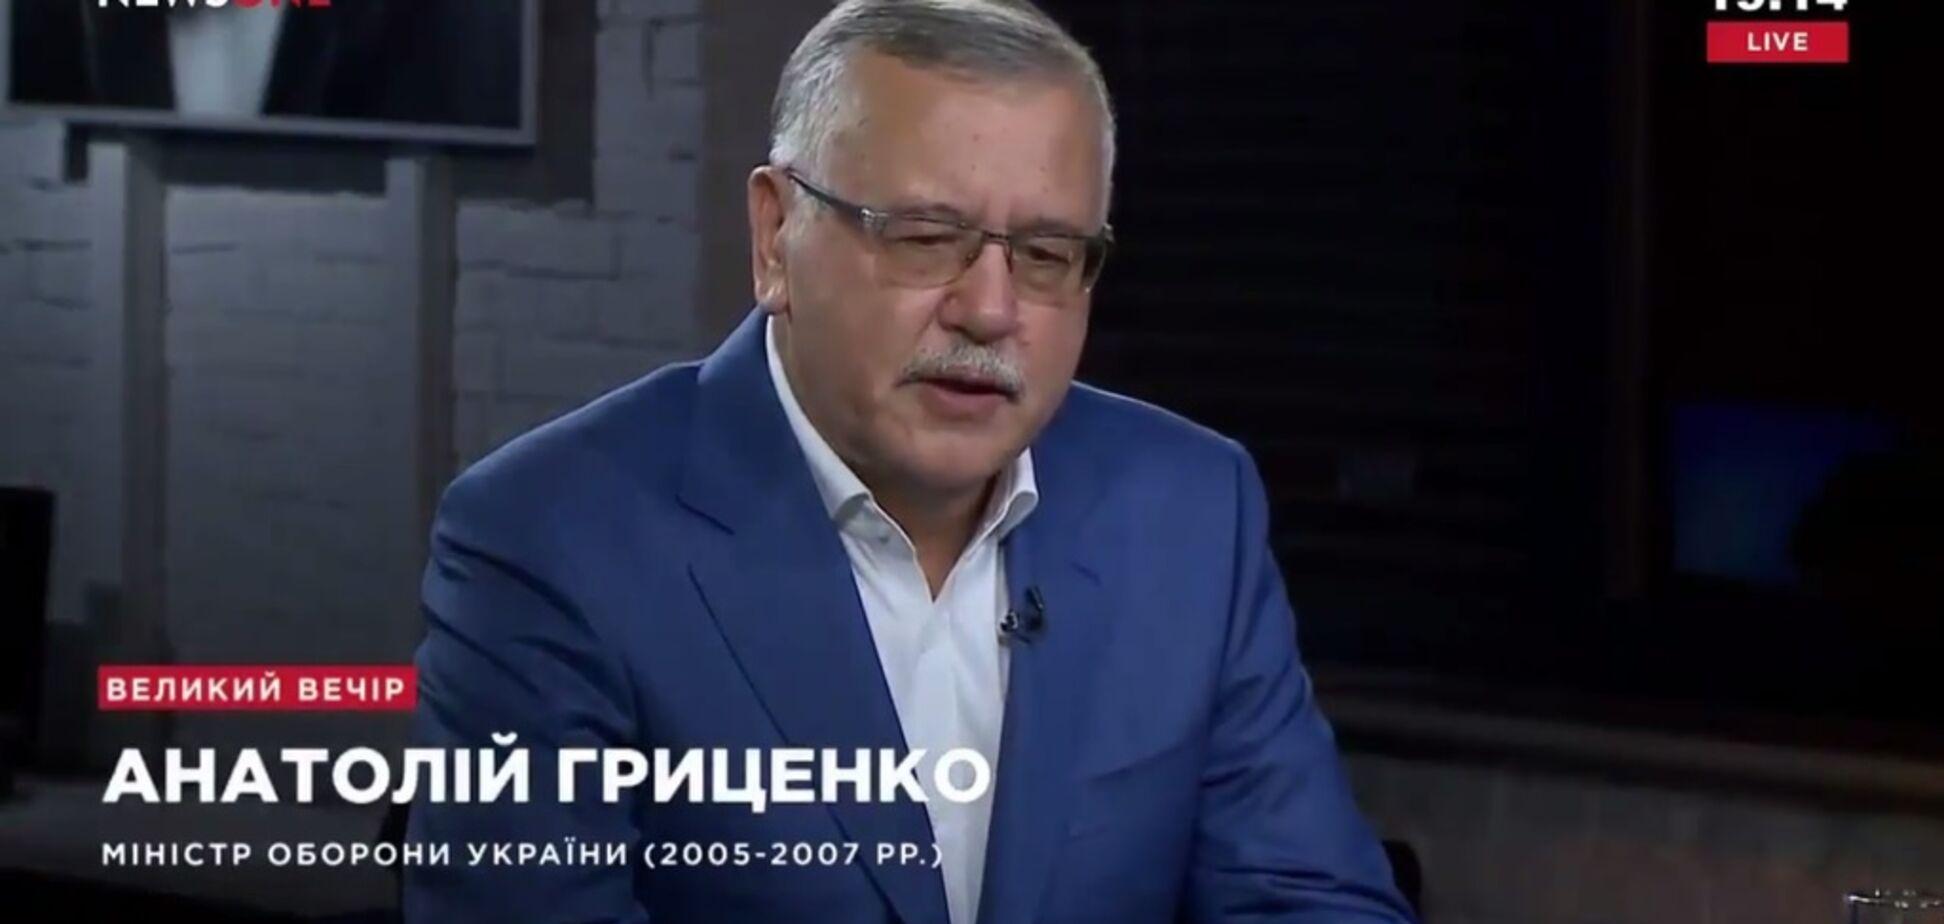 Трагедія біля мерії Харкова: Гриценко поділився версіями